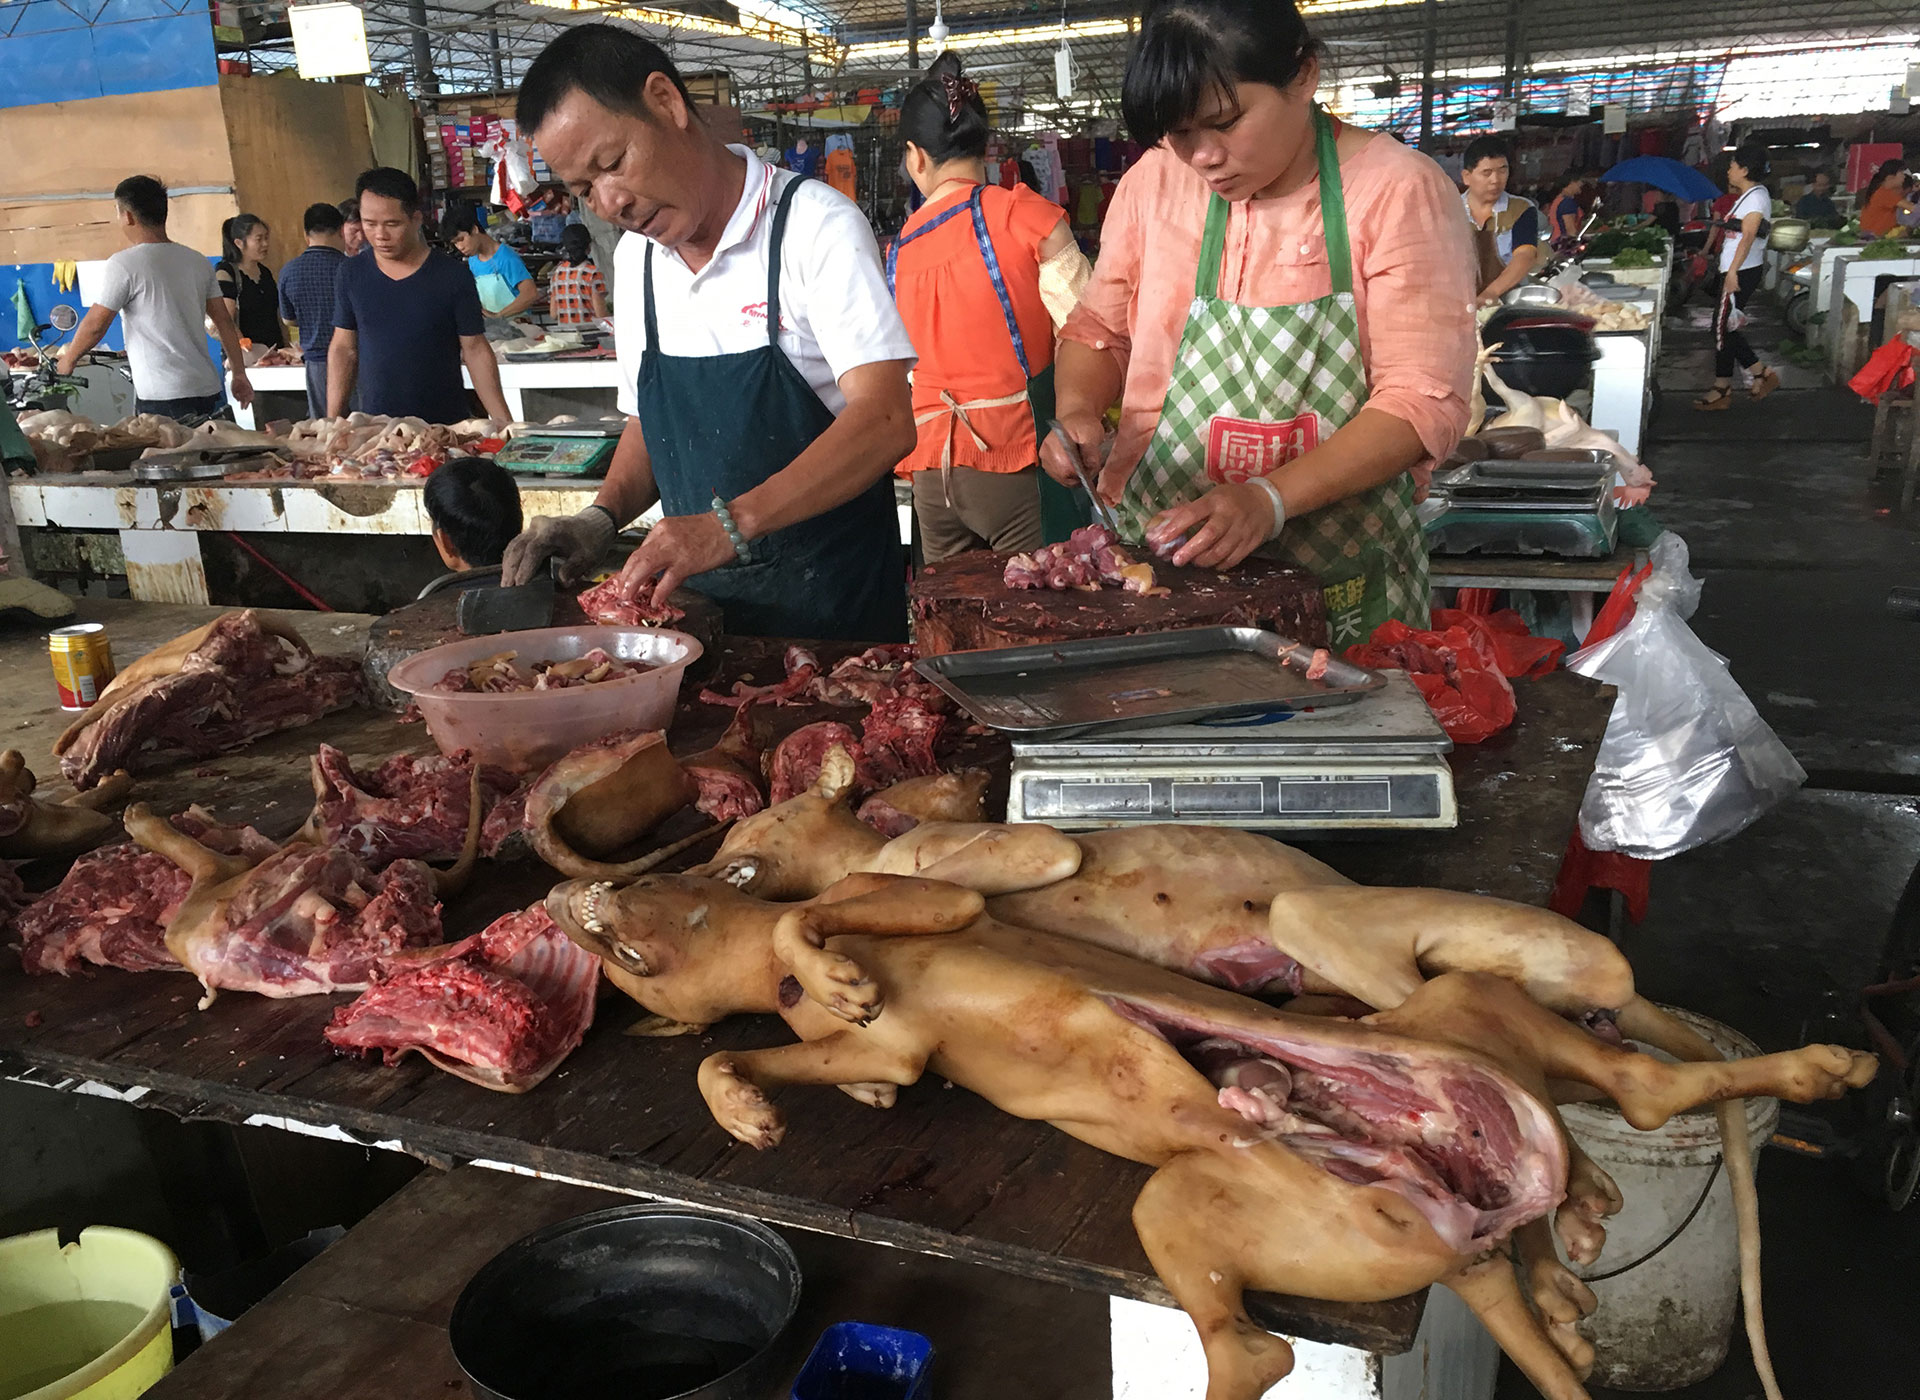 El festival de Yulin no es una tradición arraigada en la sociedad china, sino que fue creado en 2010 por los propios vendedores de carne de perro para incrementar sus ventas